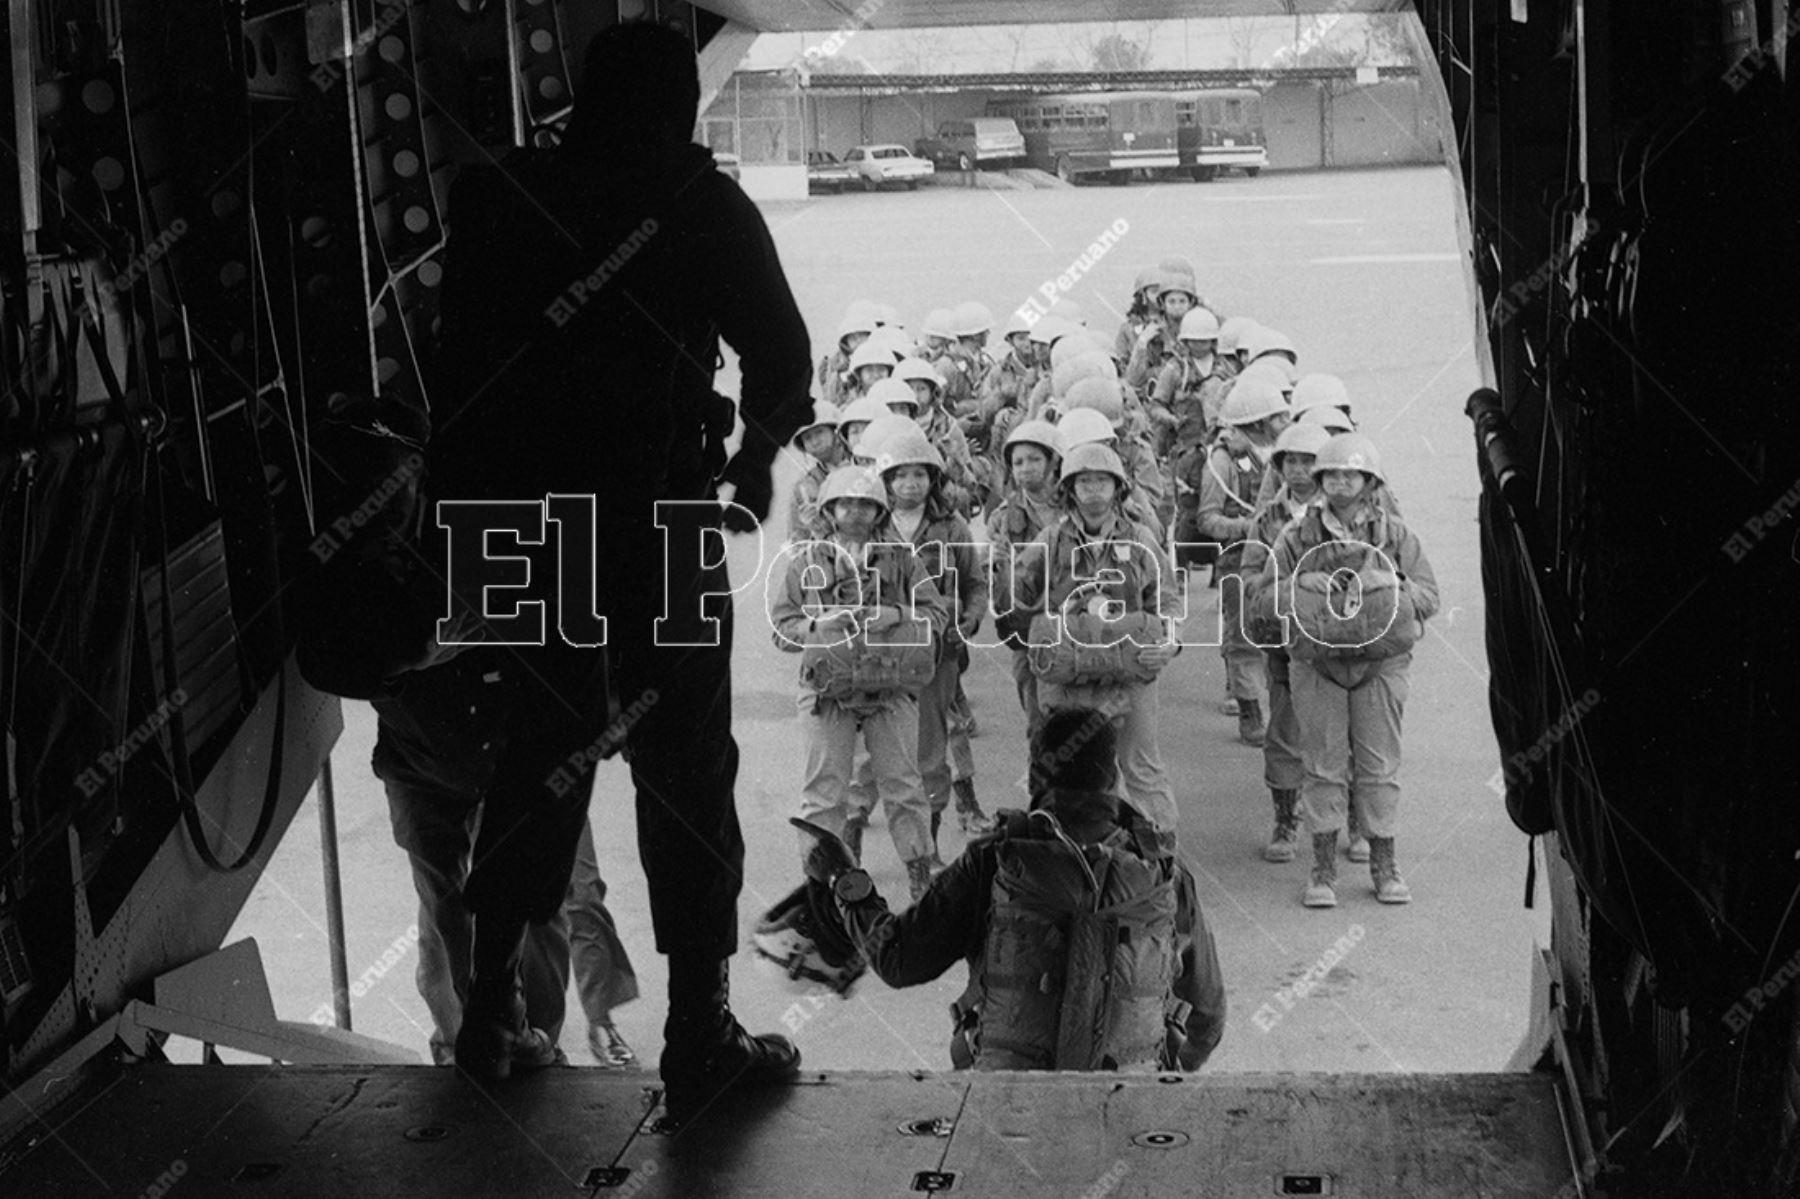 Lima - 23 setiembre 1975. Integrantes de la primera promoción femenina de paracaidismo militar del Ejército Peruano se alistan  para su segundo salto en Lomo de Corvina, Villa El Salvador. Foto: Archivo Histórico de El Peruano